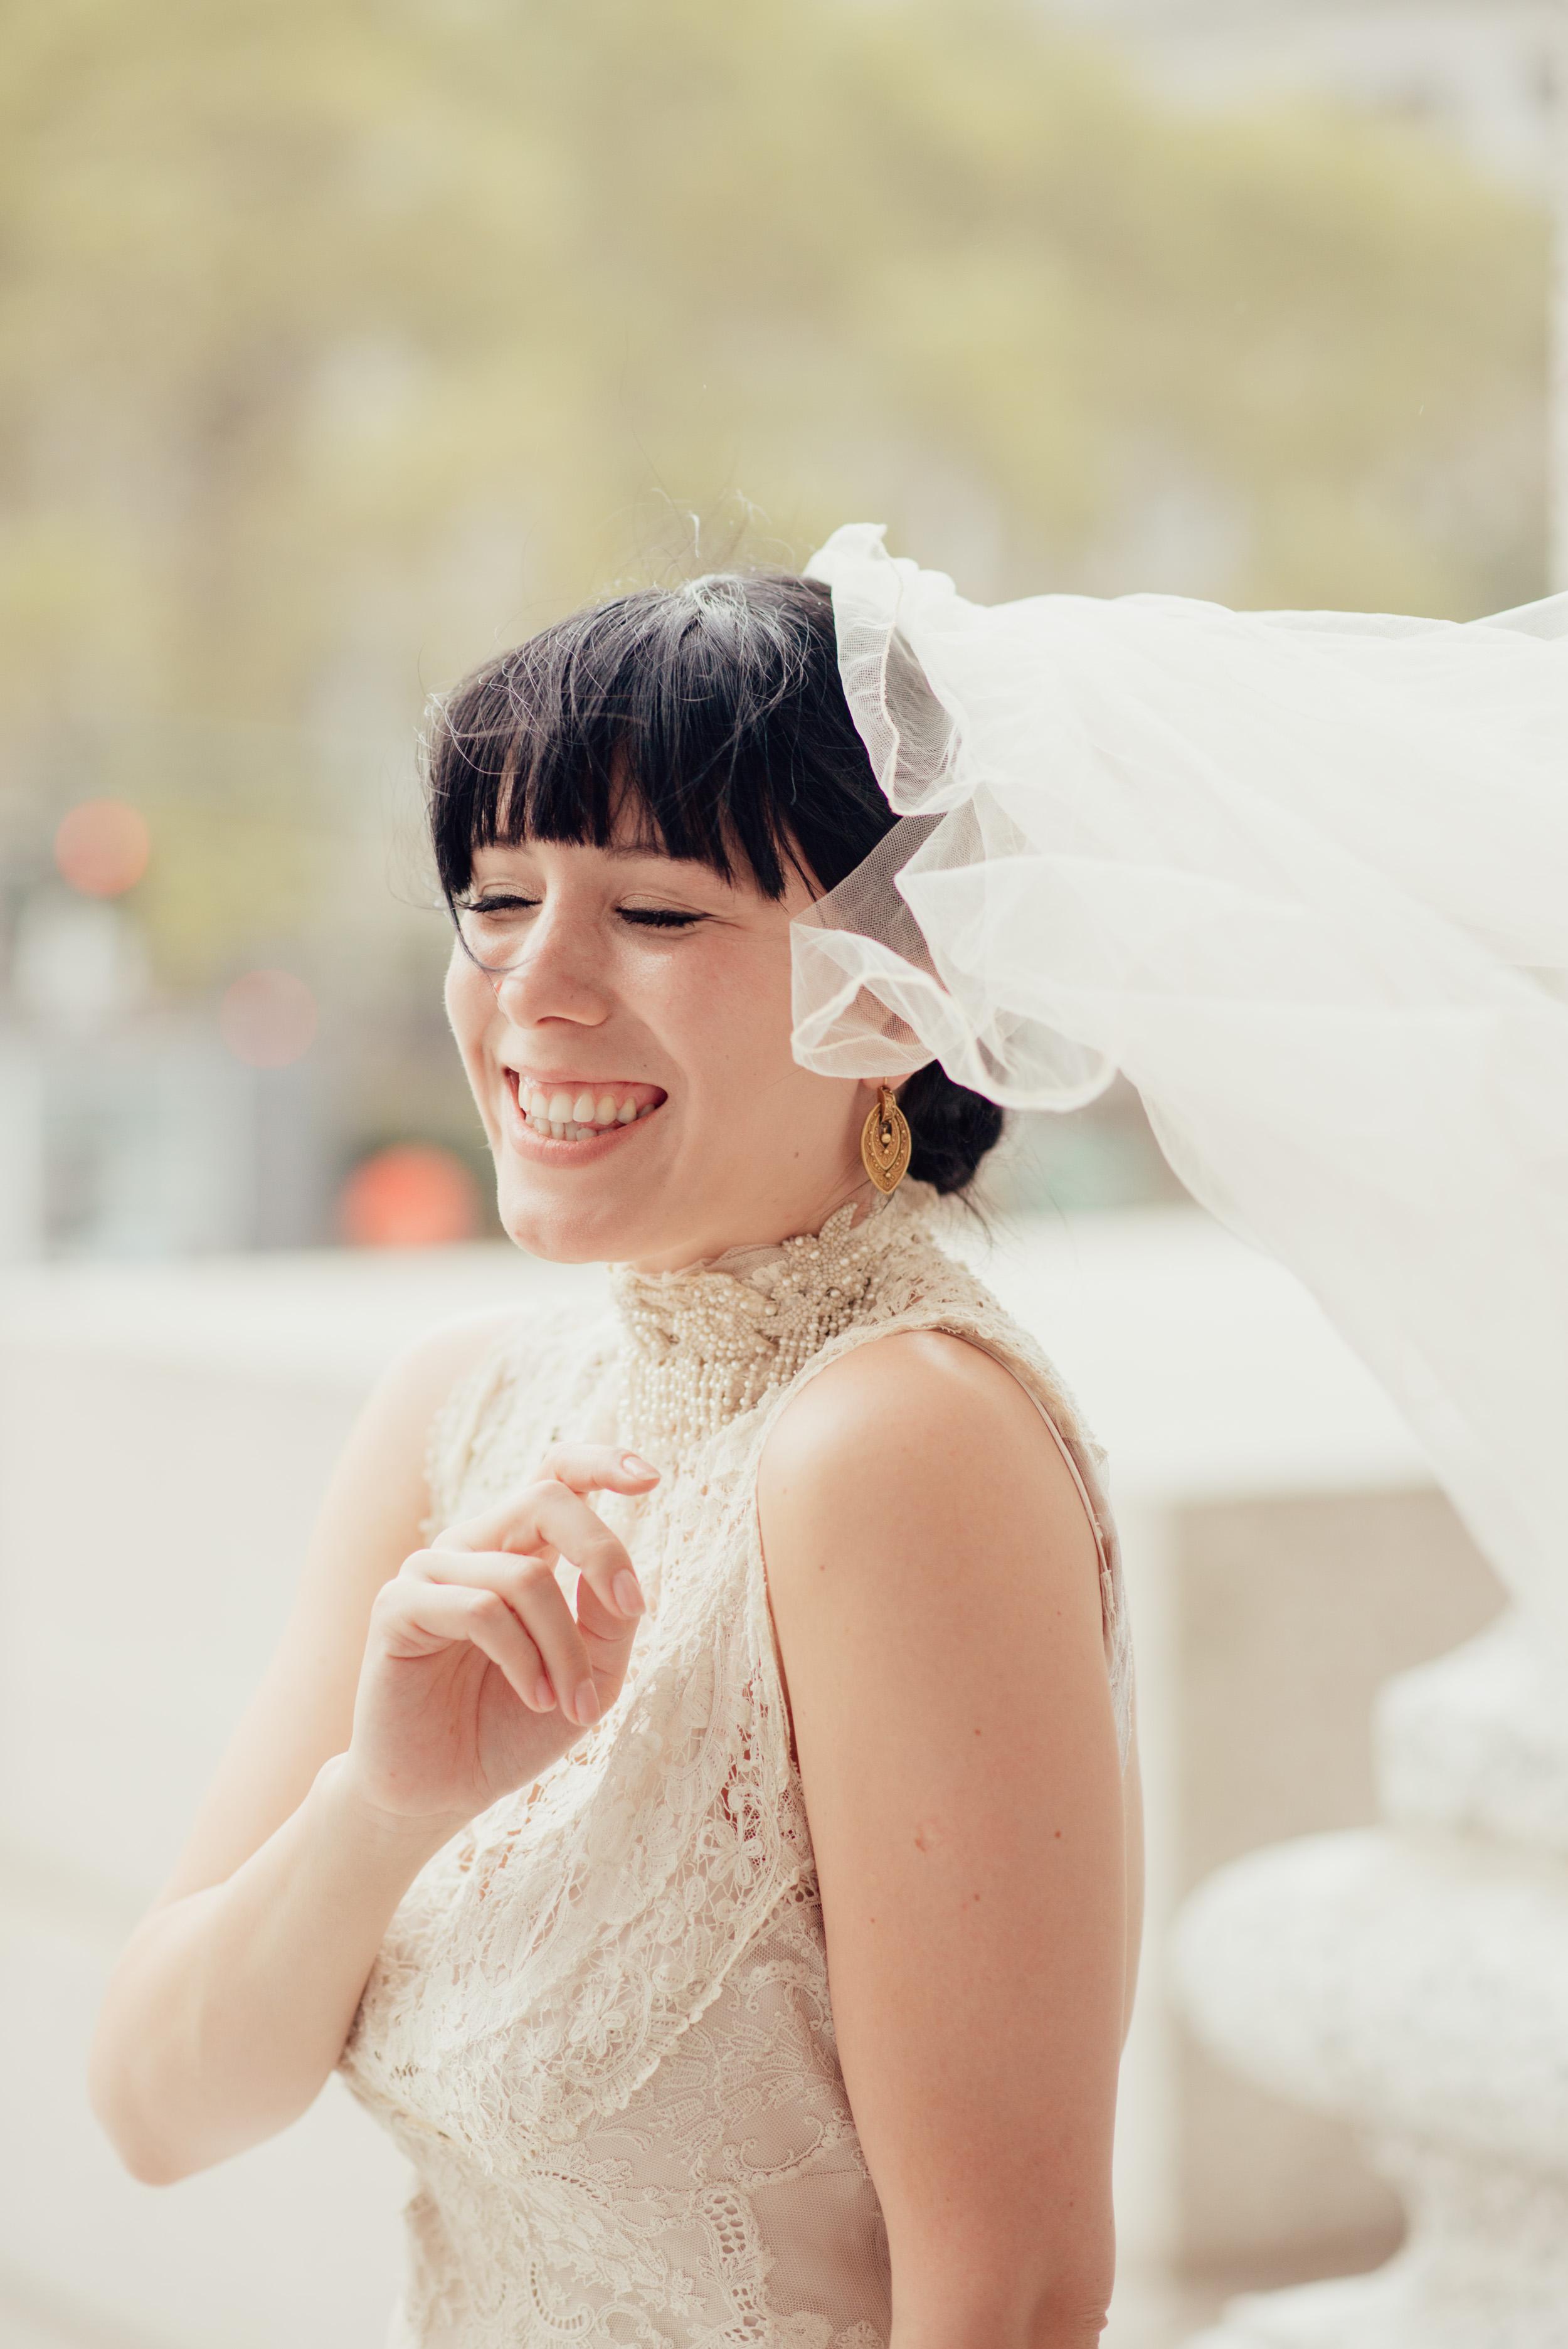 cleland-studios-weddings-32.jpg